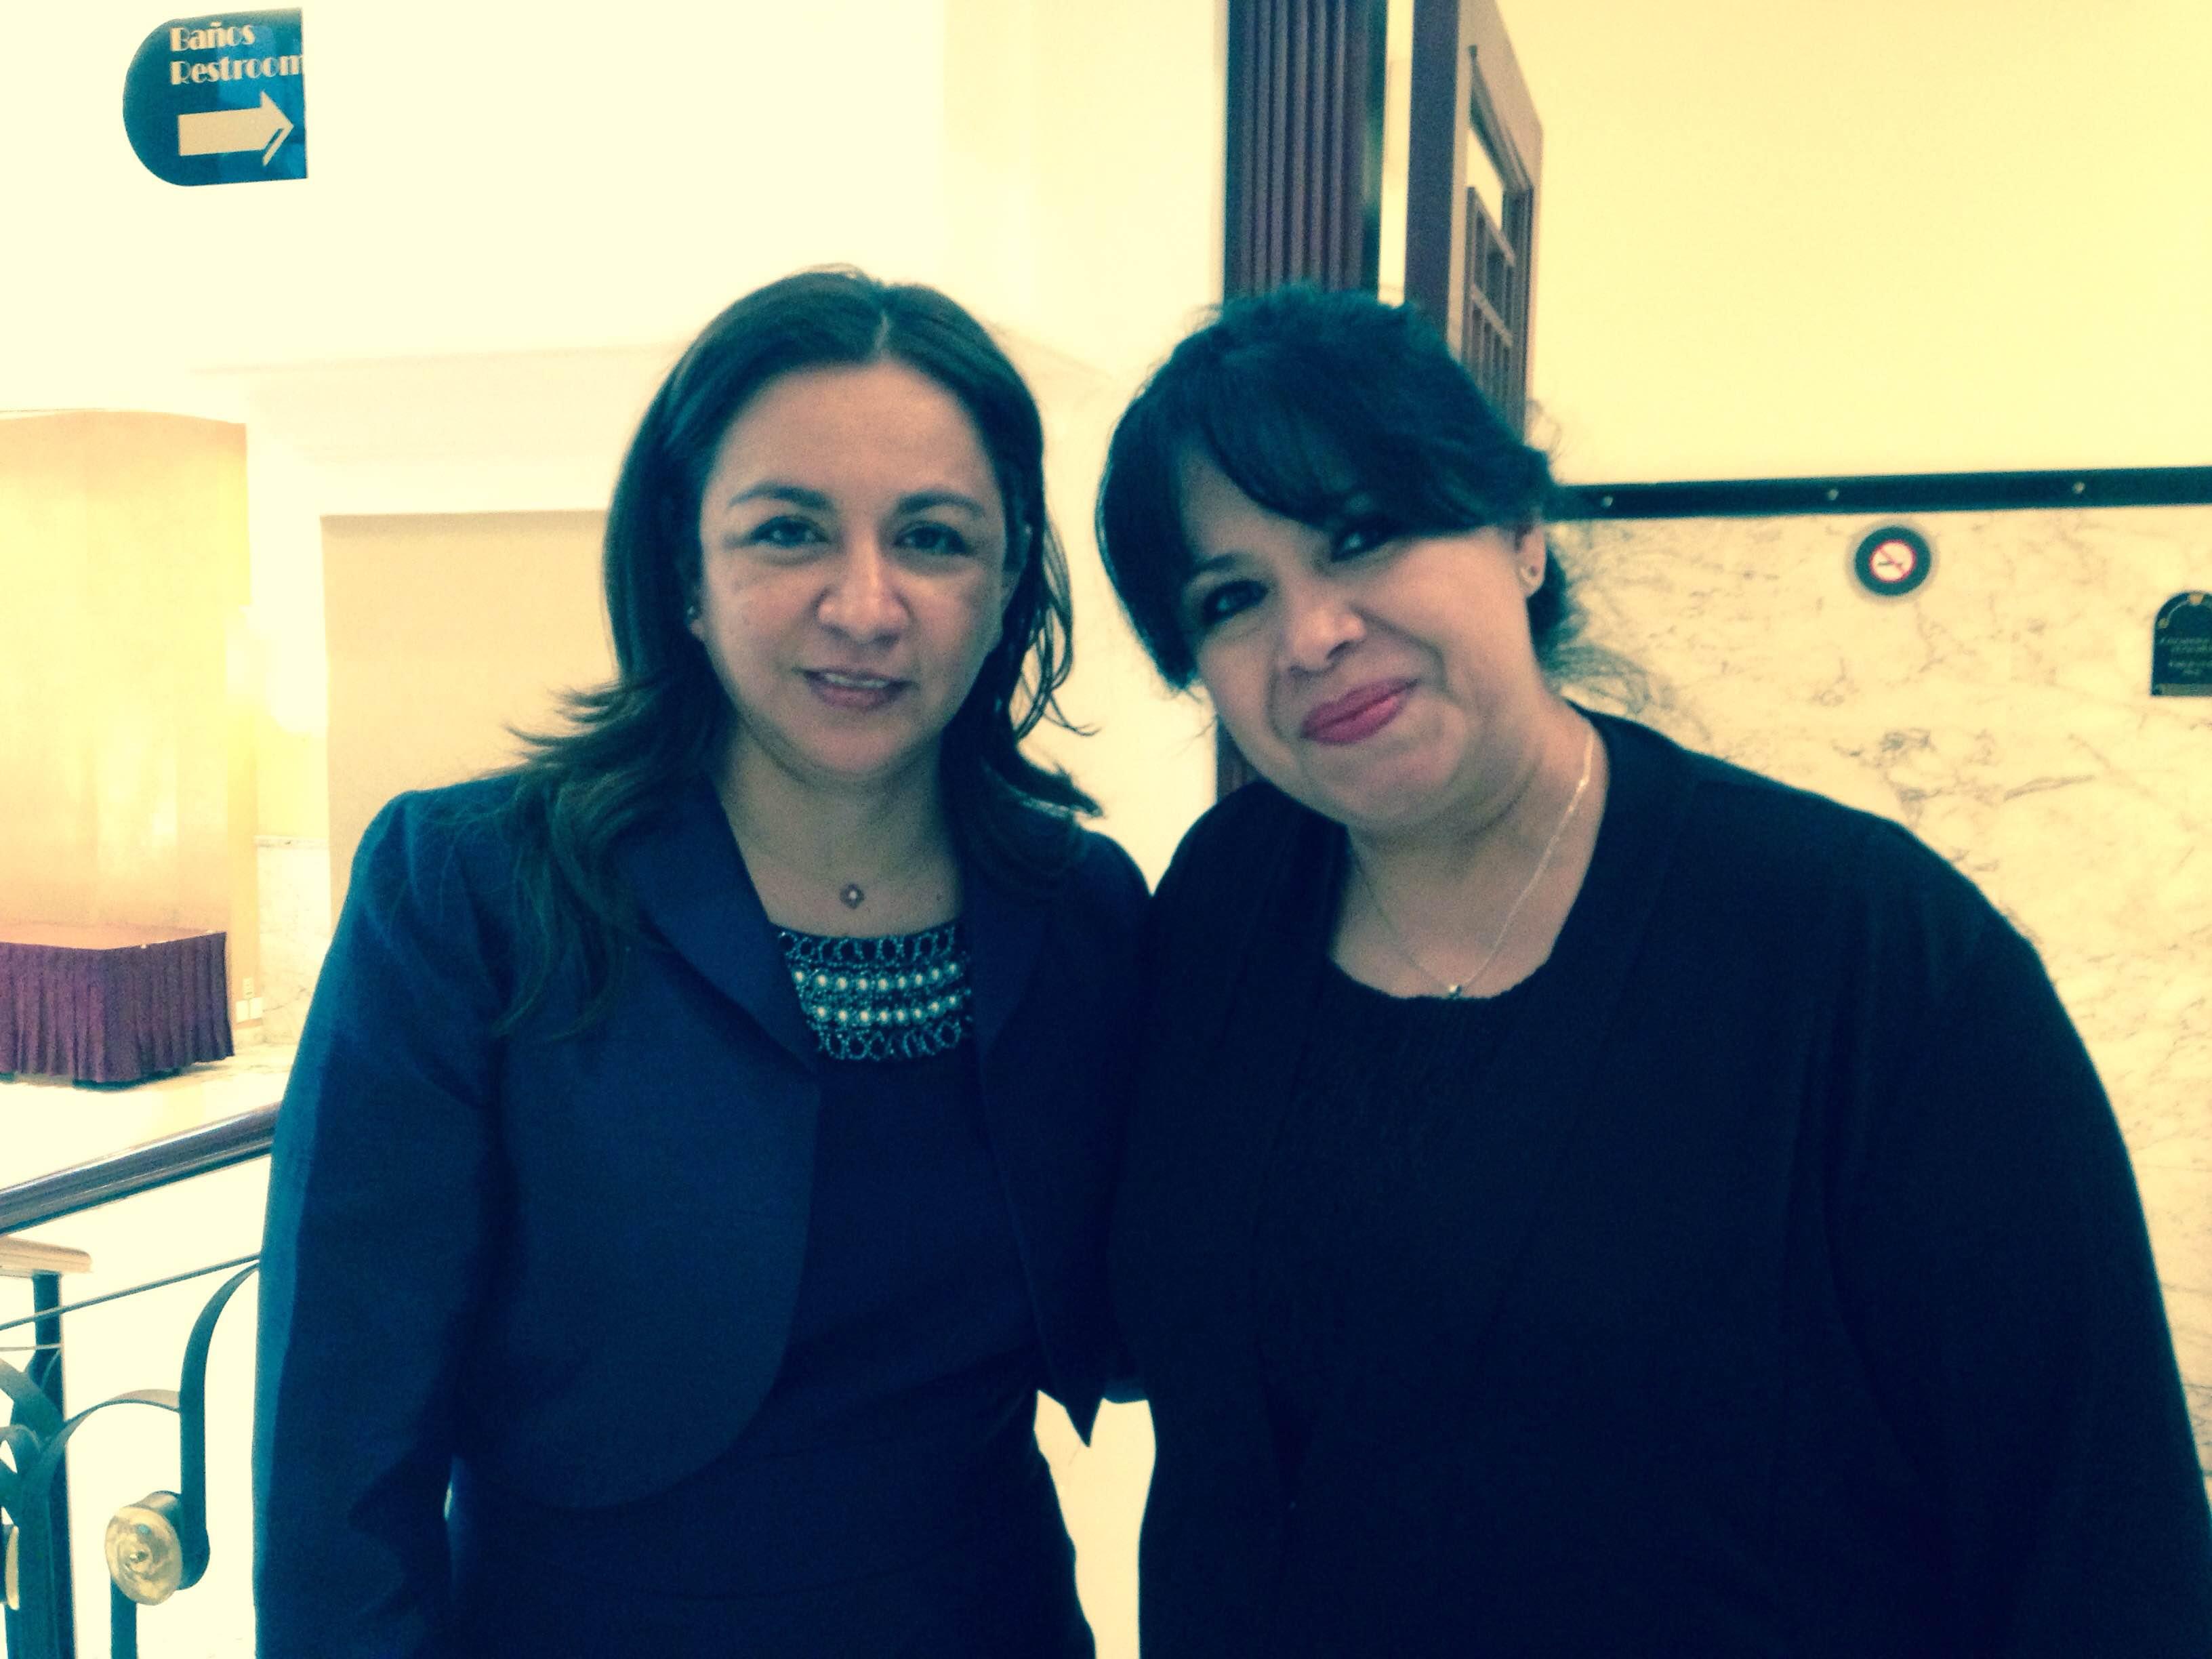 Con la 1a vicepresidenta de la República del Perú, Lic. Marisol Espinoza Cruz.